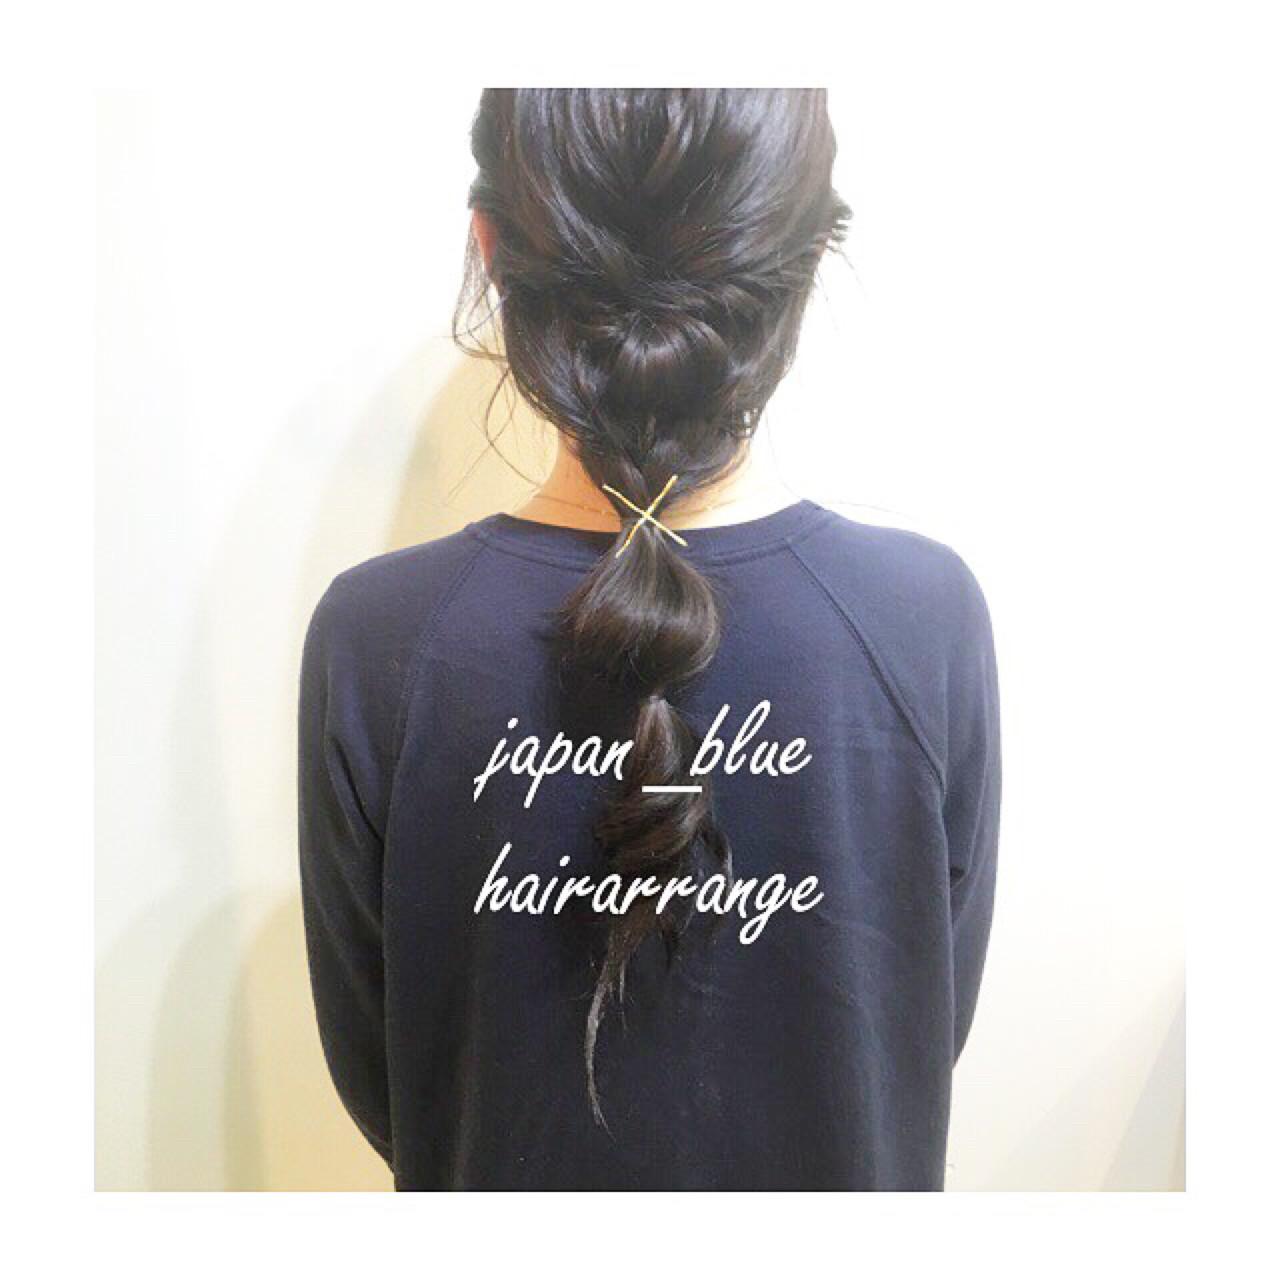 ゆるふわ 編み込み 夏 ポニーテール ヘアスタイルや髪型の写真・画像 | COM PASS 太一 / COM PASS